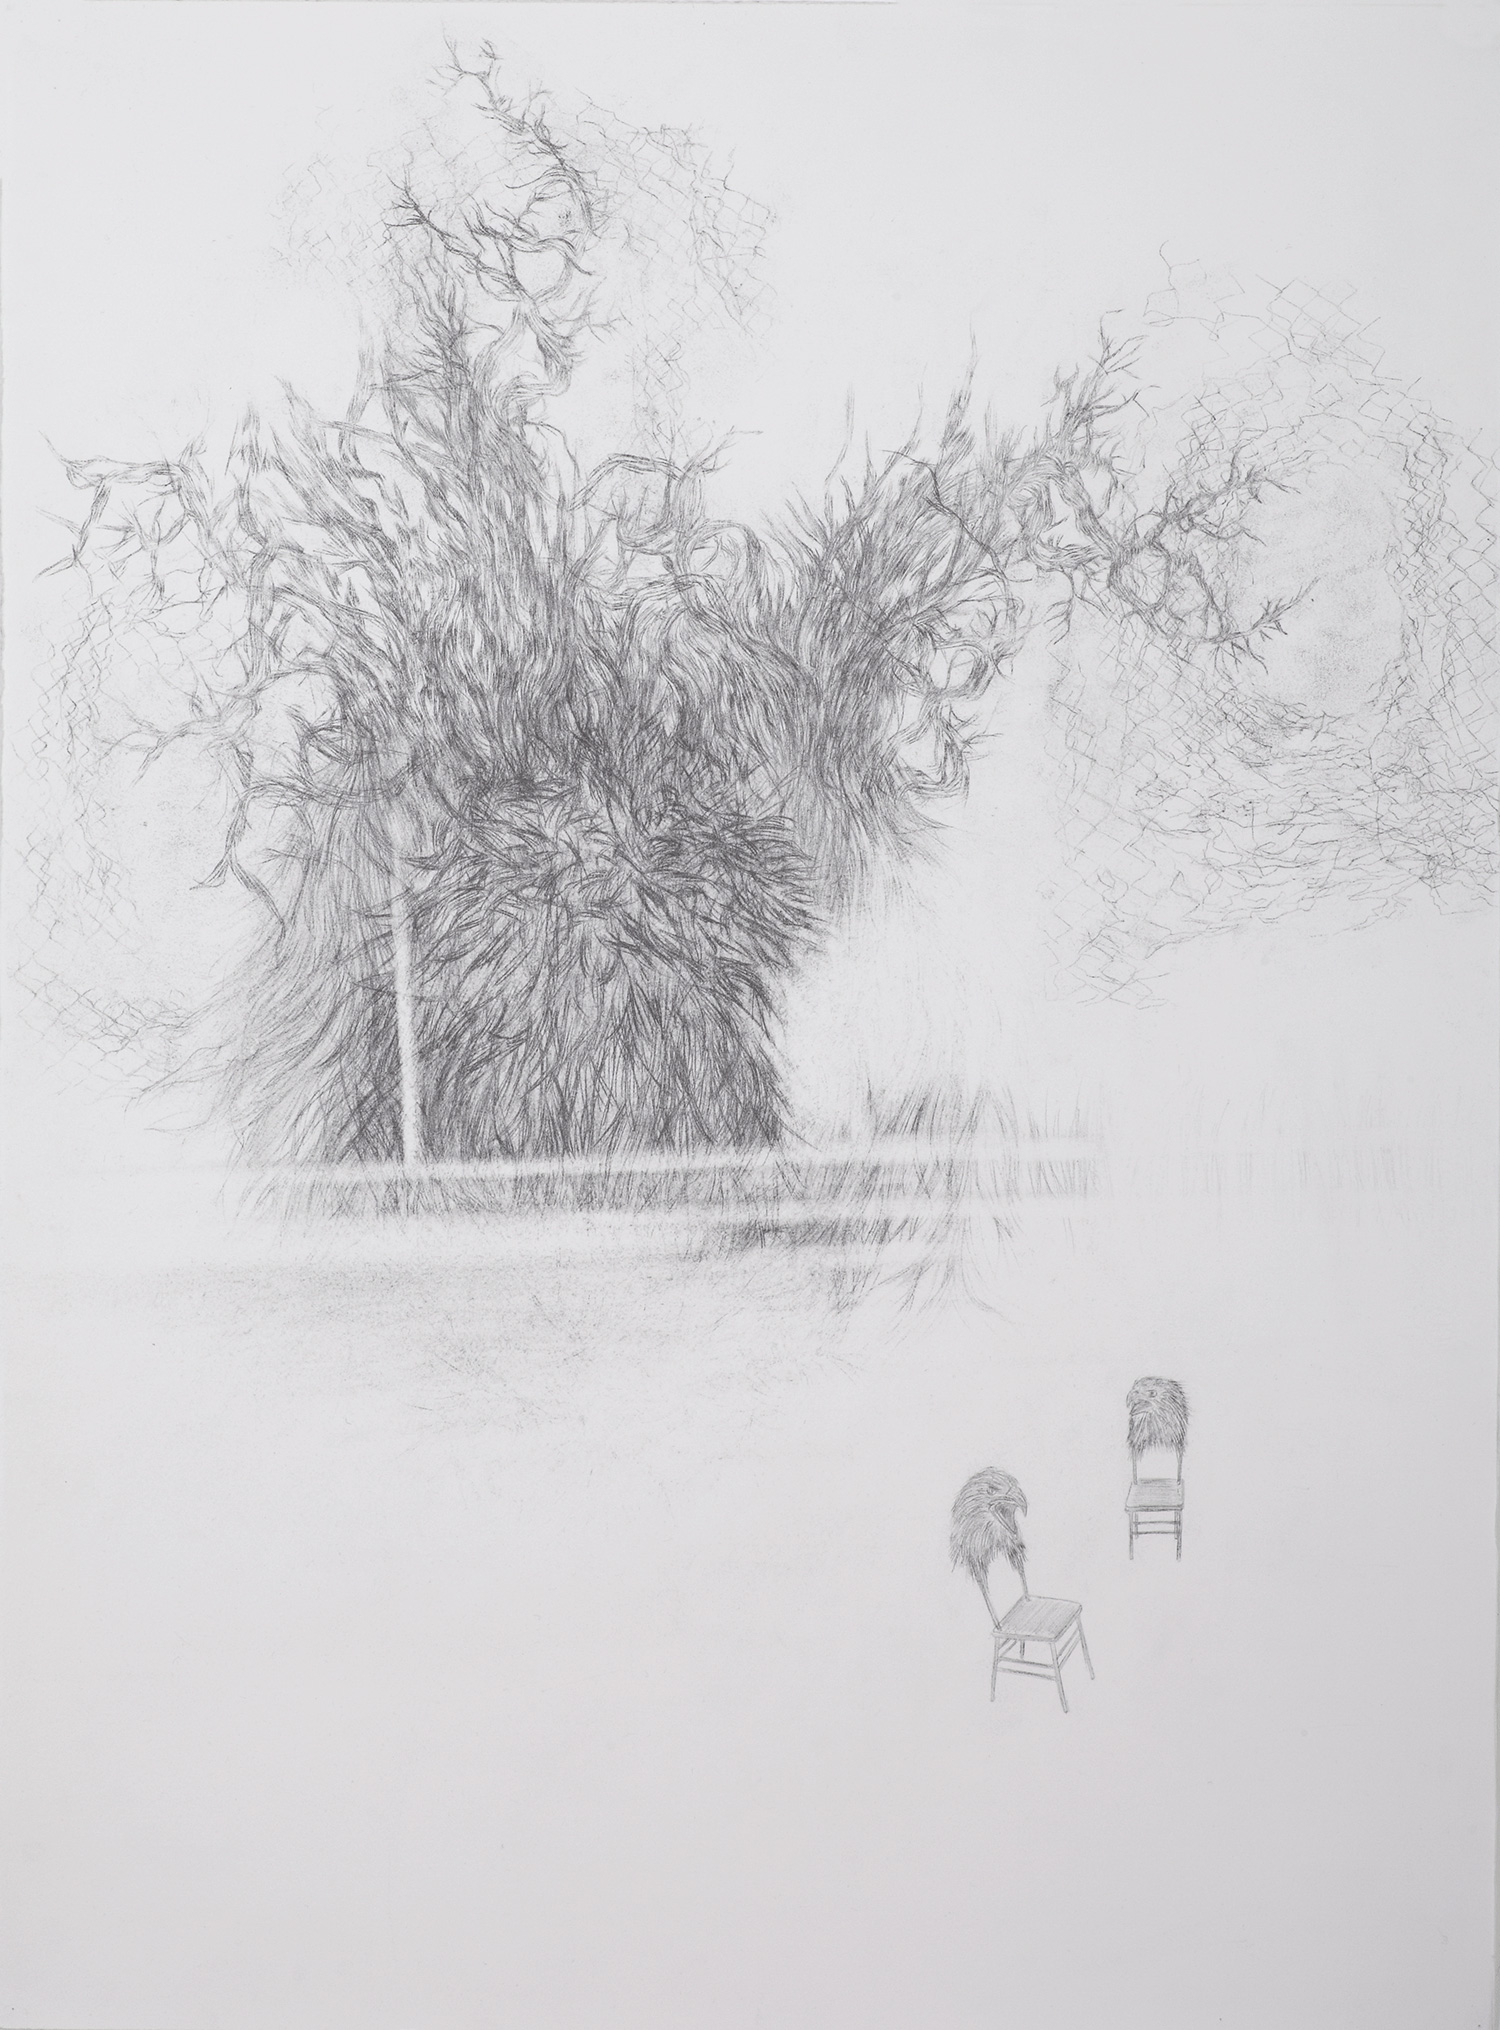 <i>L'arbre de cocteau</i>, 2013, graphite, 80x60cm